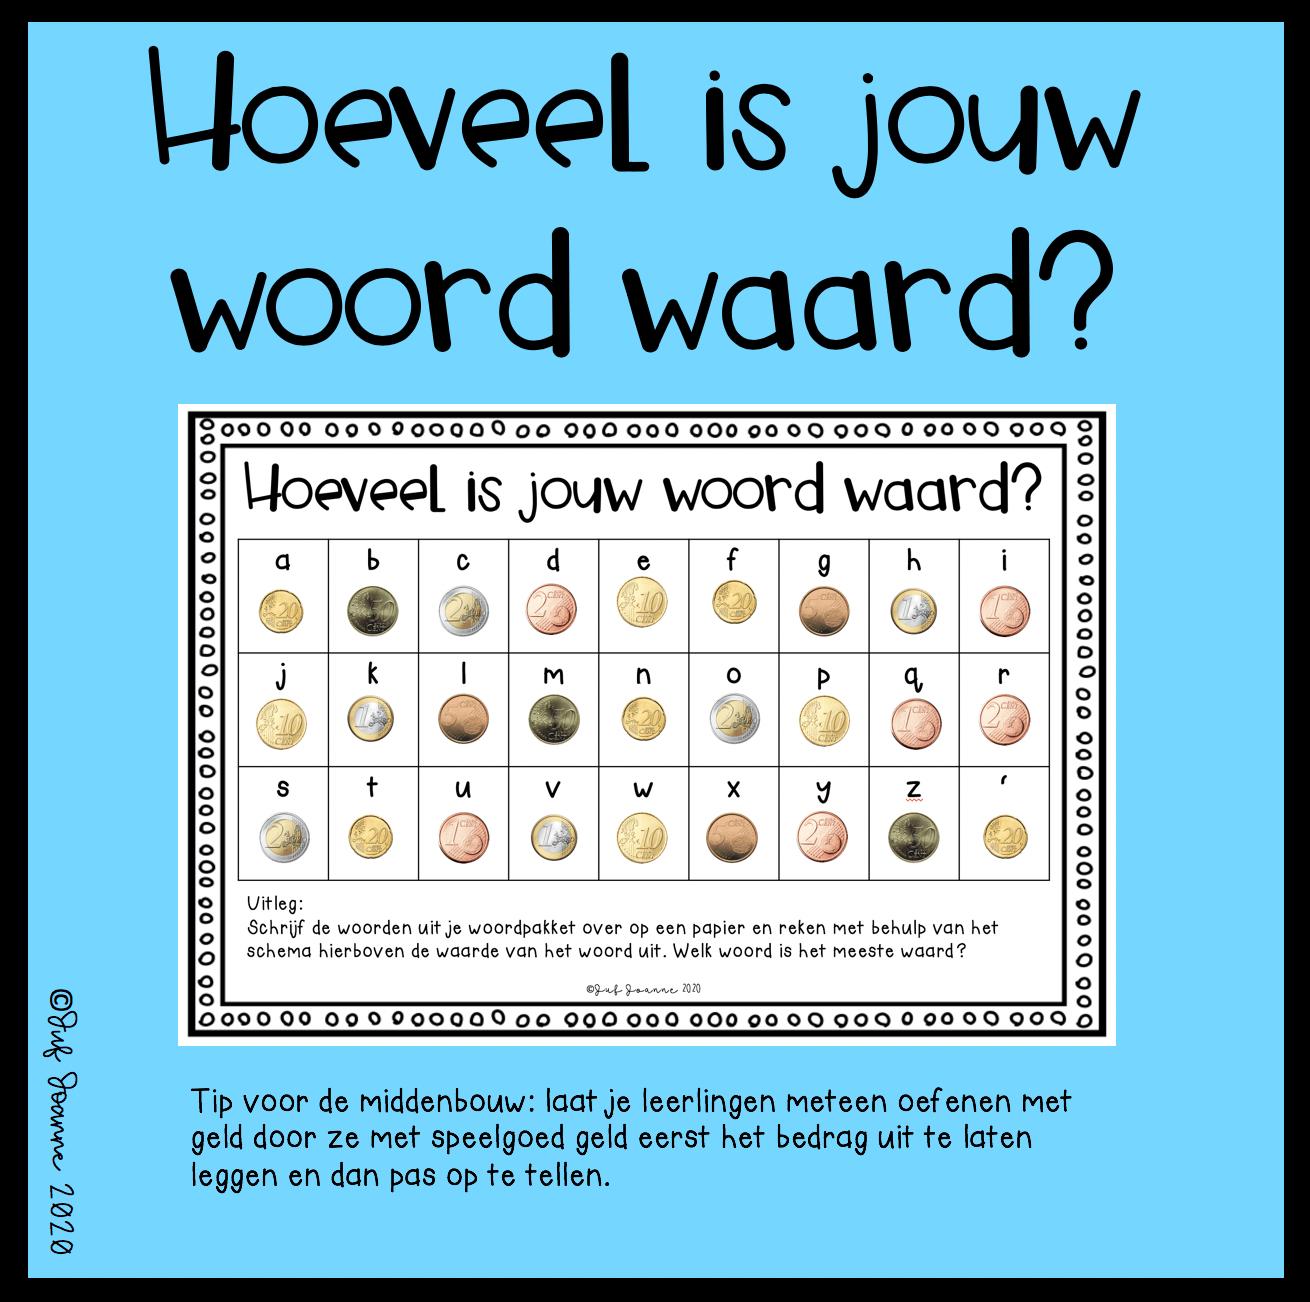 Hoeveel Is Jouw Woord Waard